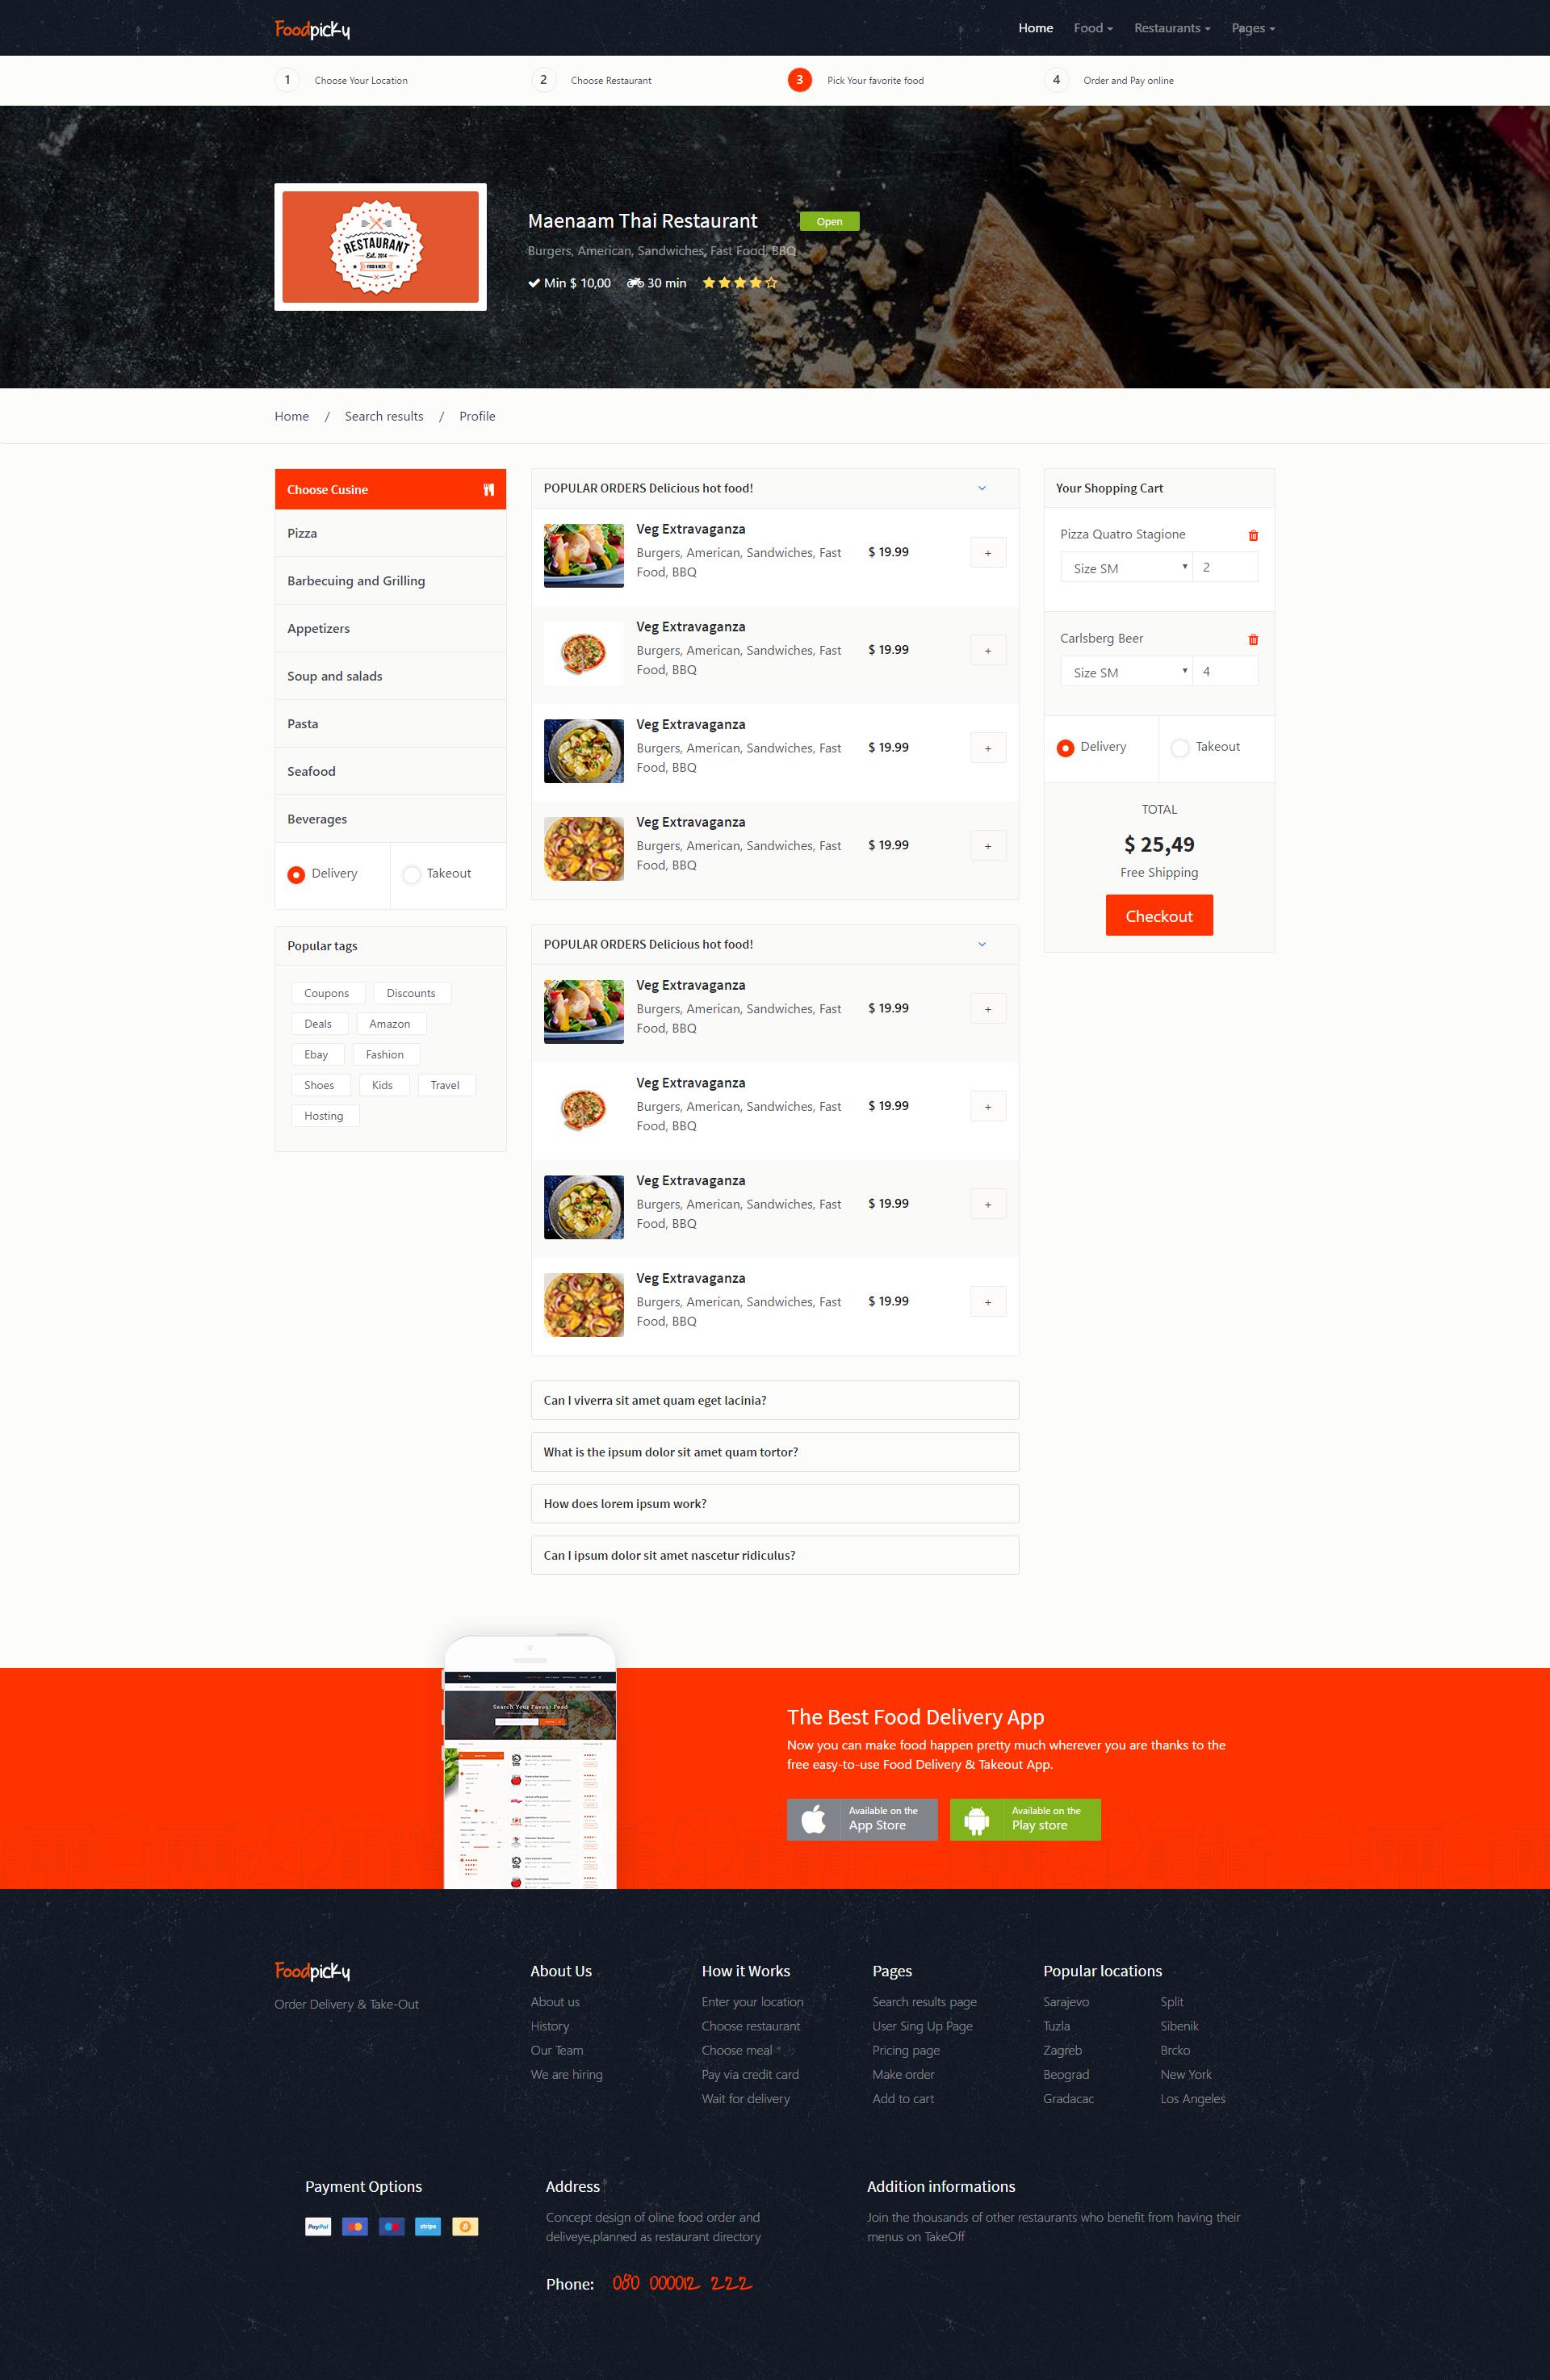 Online food ordering from local restaurants - Restaurants directory